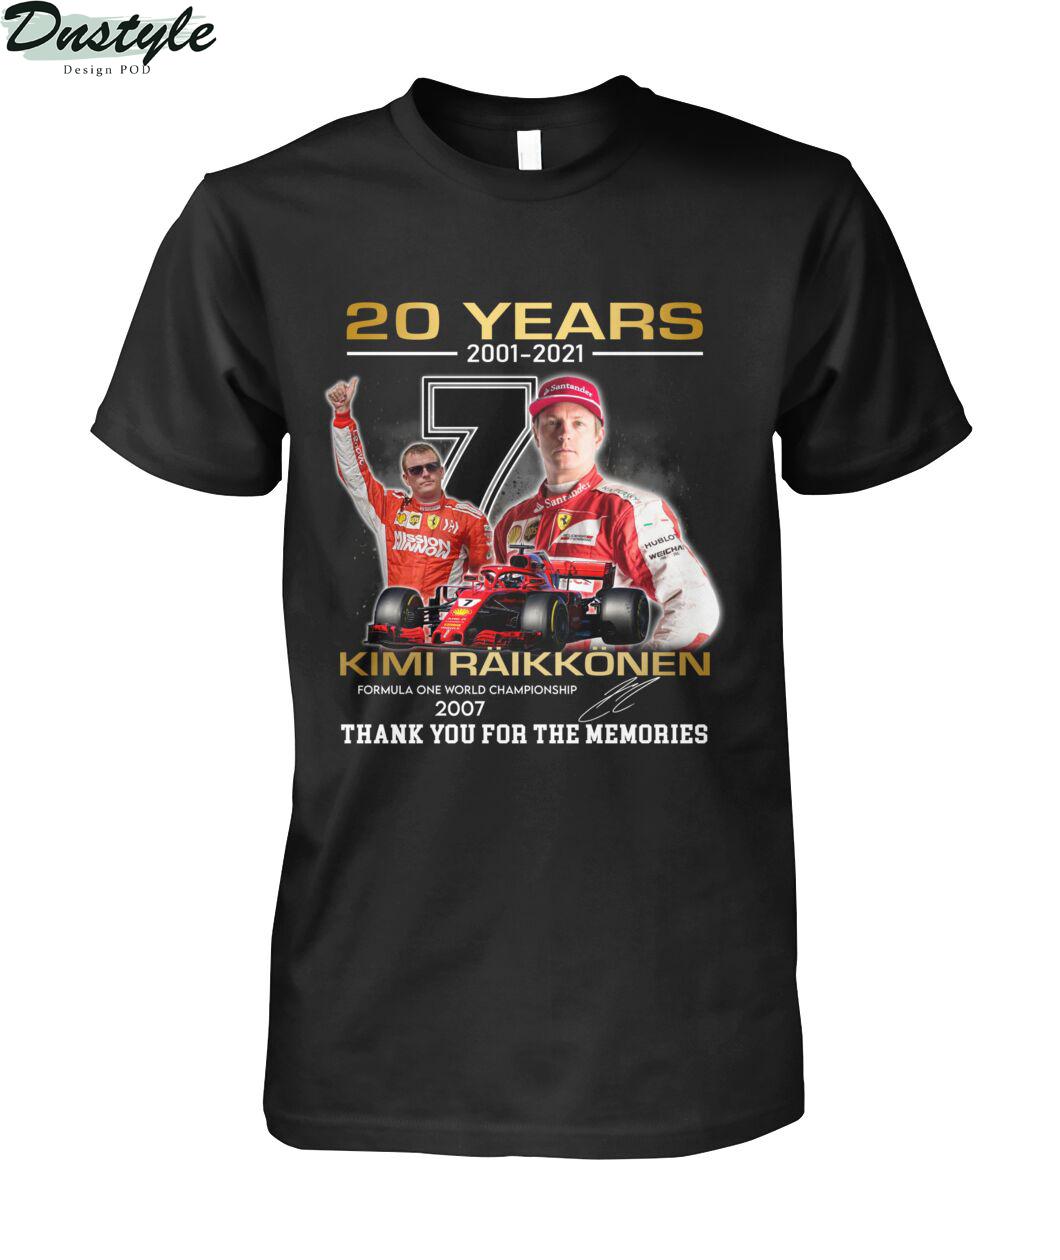 20 years 2001 2021 Kimi Räikkönen f1 world championship 2007 shirt